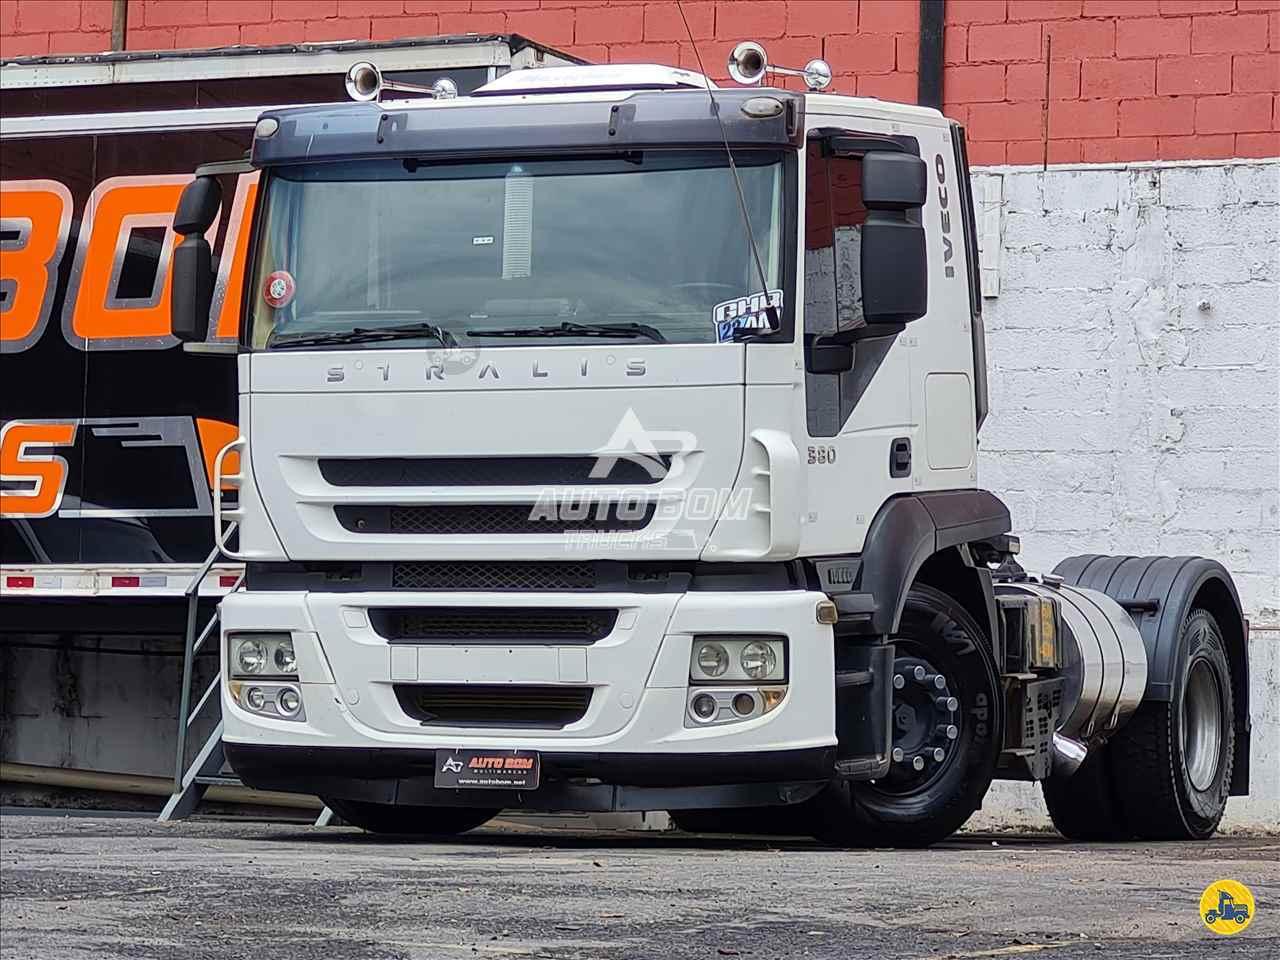 STRALIS 380 de Autobom Trucks - CONTAGEM/MG